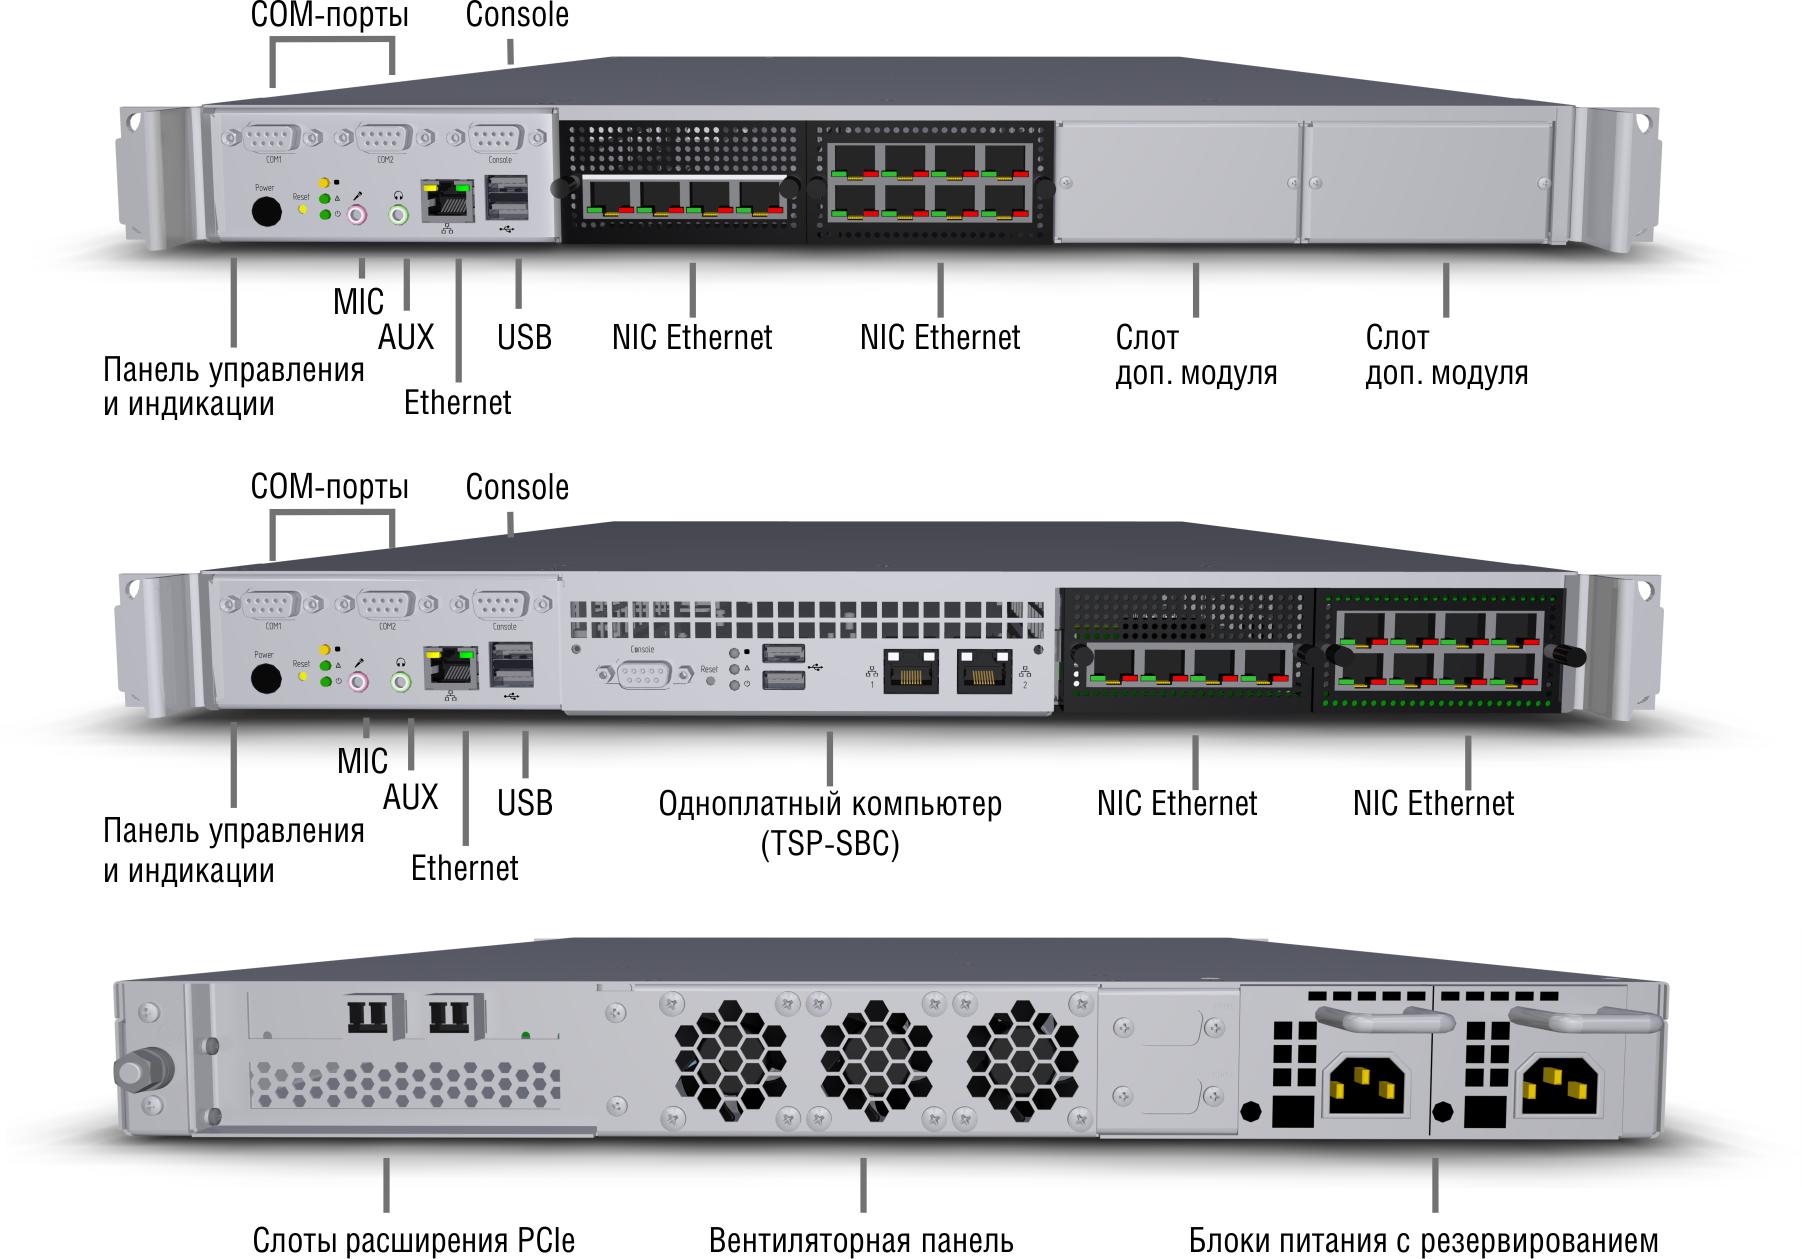 Универсальная серверная платфлорма TSP